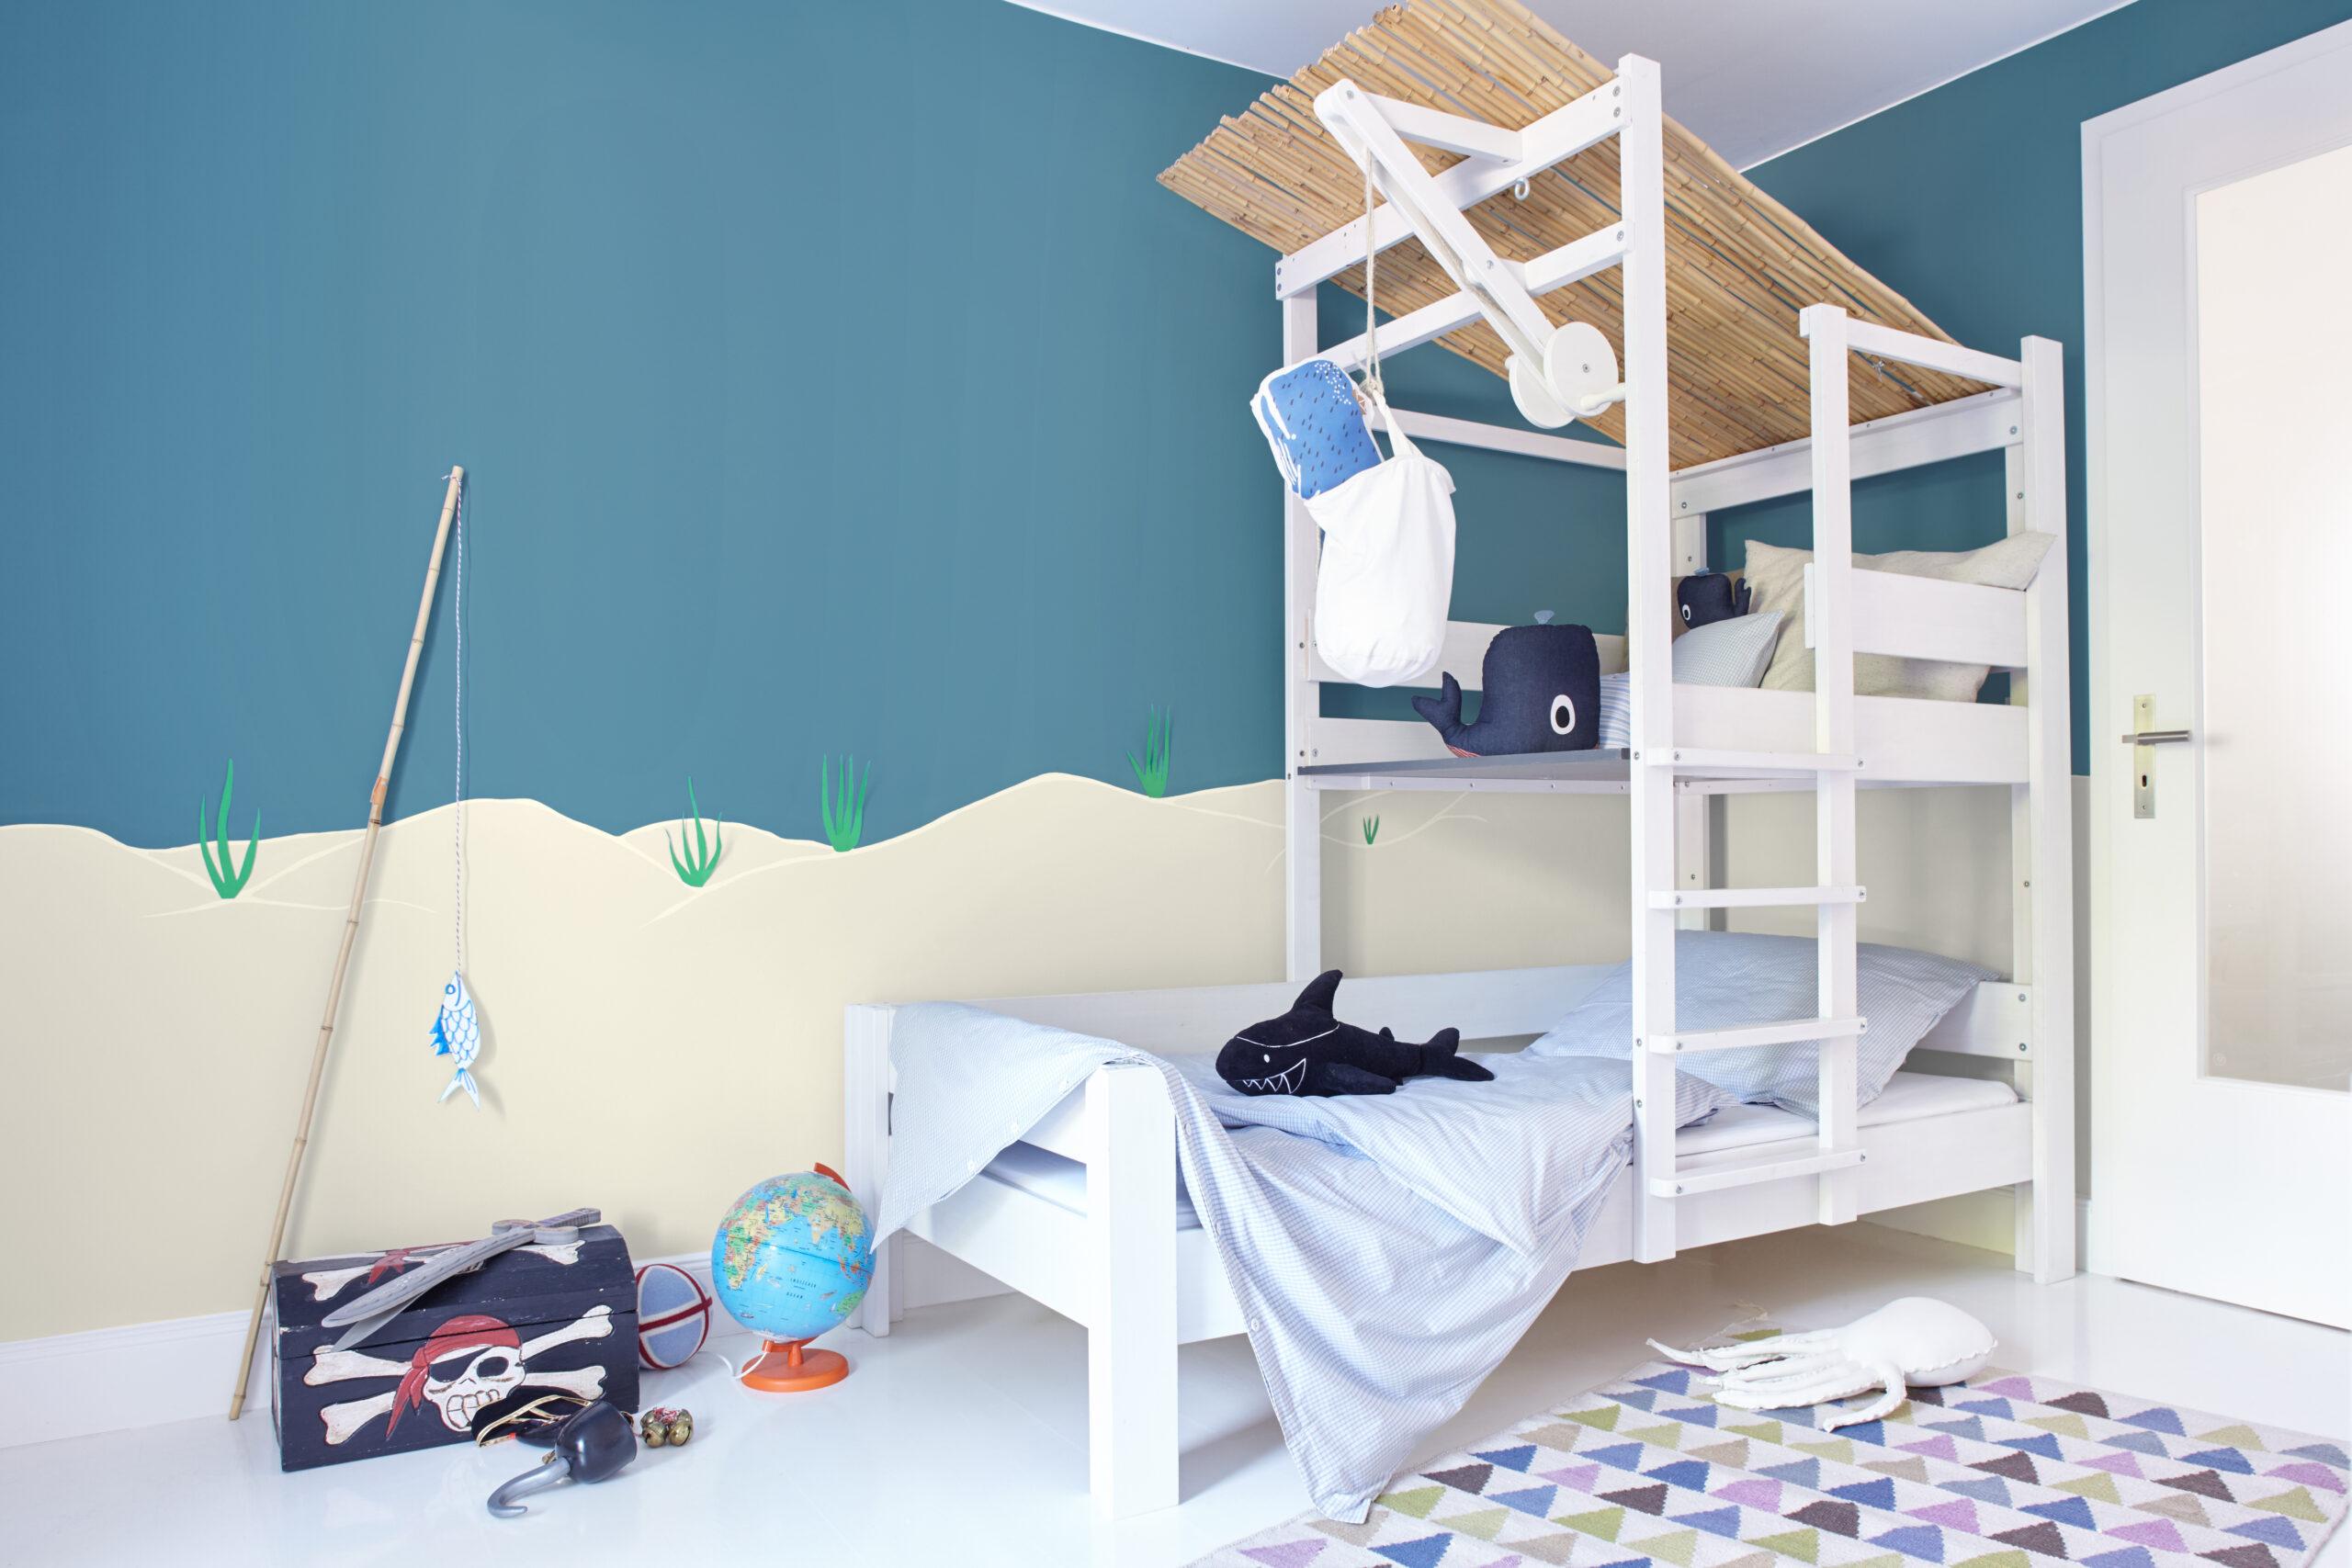 Full Size of Kinderzimmer Einrichten Junge Fr Schulab Sechs Jahren Gestalten Regal Badezimmer Weiß Sofa Regale Küche Kleine Kinderzimmer Kinderzimmer Einrichten Junge